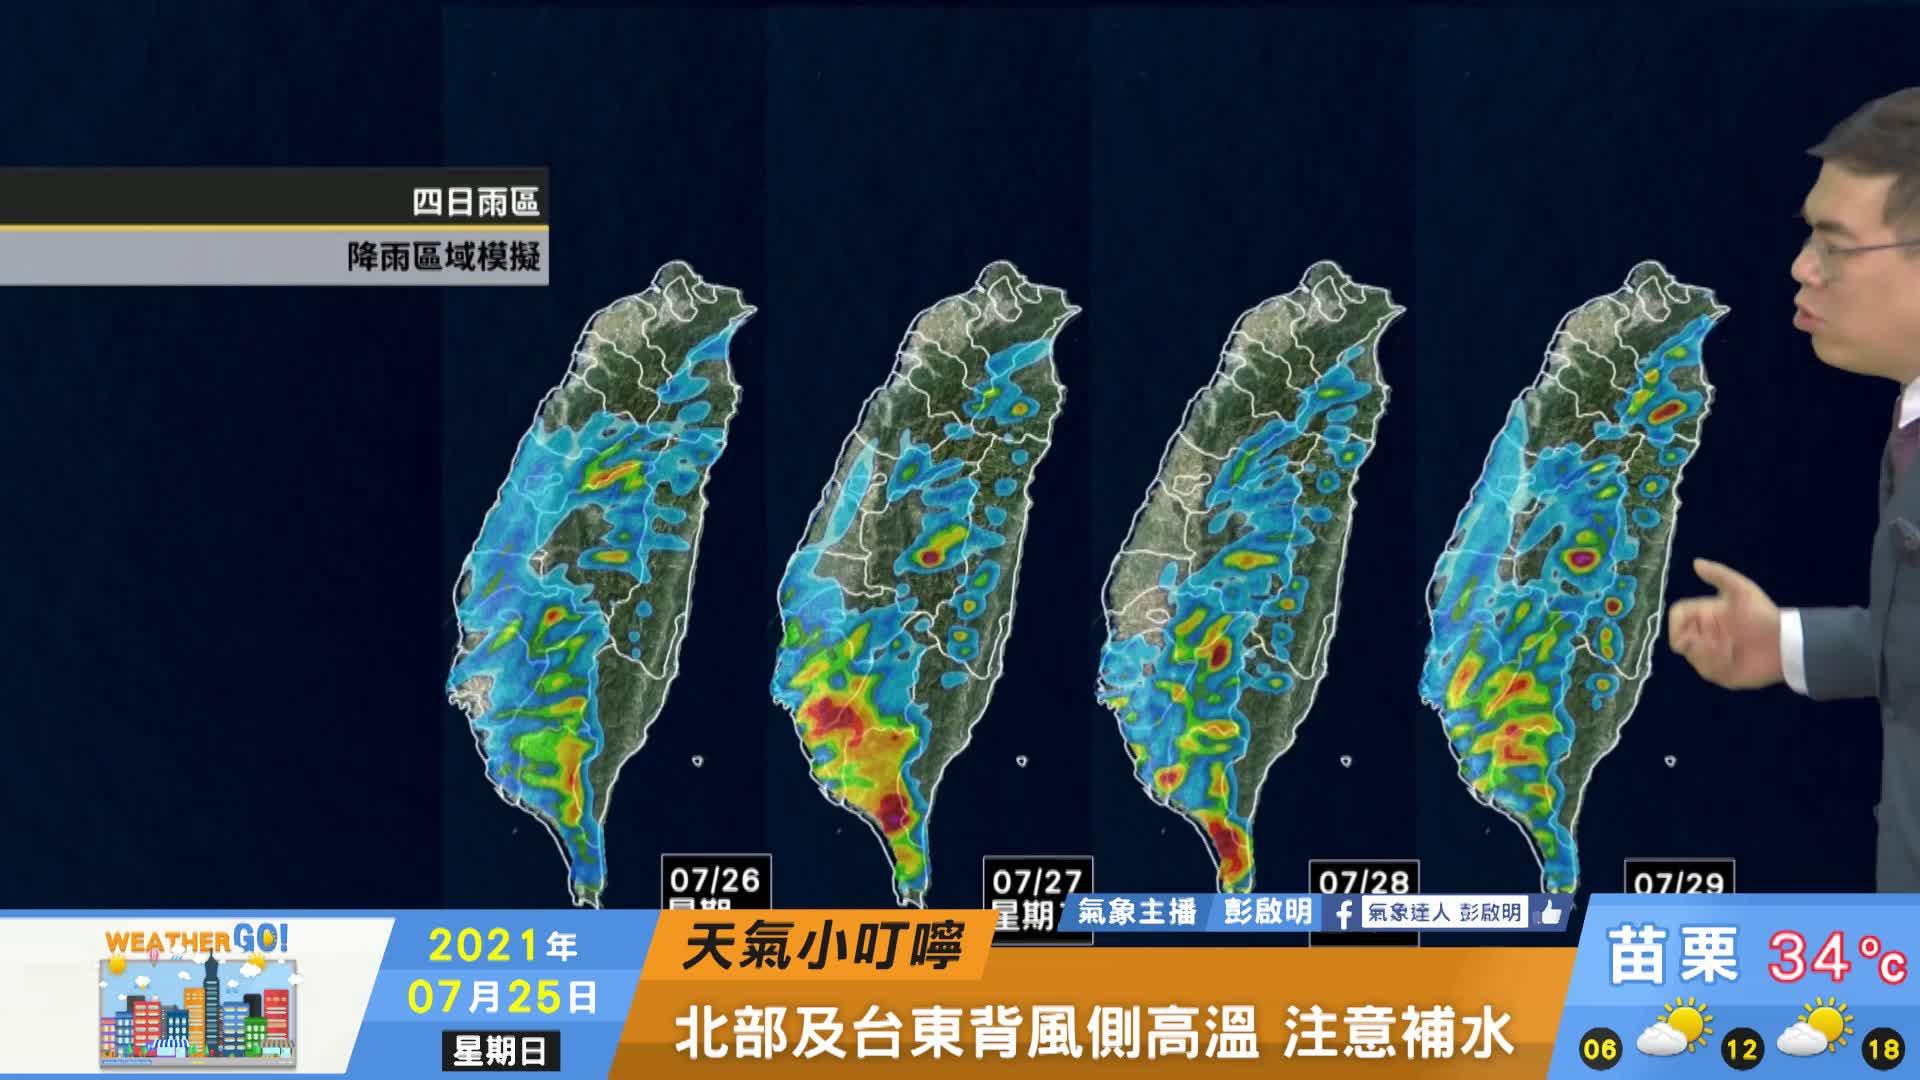 一分鐘報天氣 /週一(07/26日) 西南風影響,中南部有雨,北東部晴朗高溫